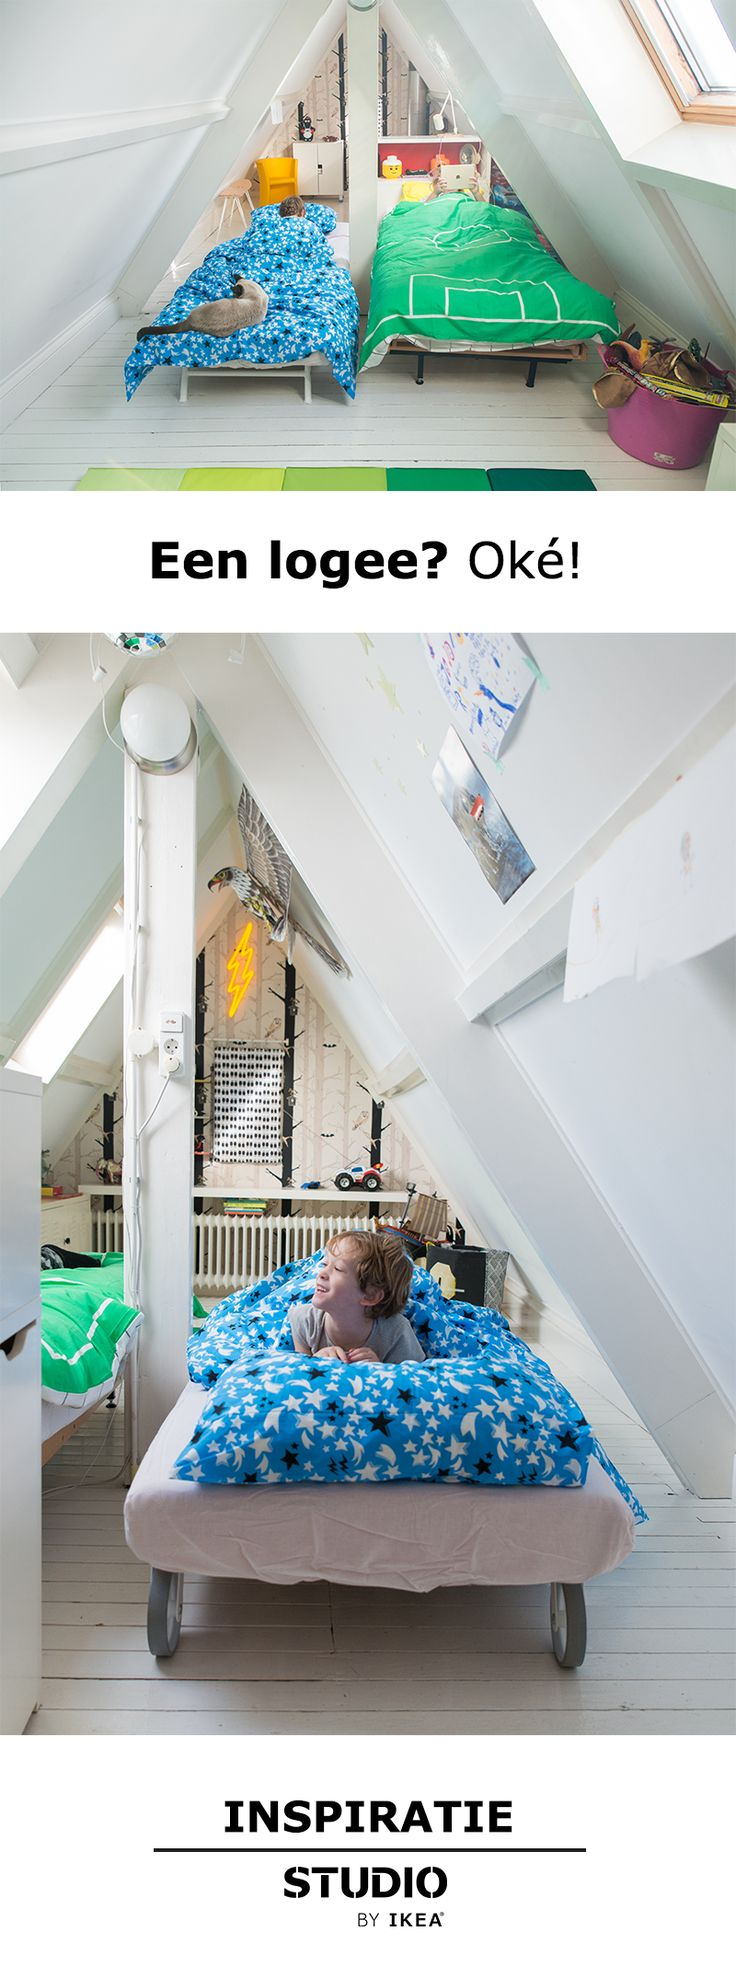 Een logee? Oké! | IKEA IKEAnederland wooninspiratie inspiratie kinderkamer zolderkamer kinderen kids kind spelen slapen